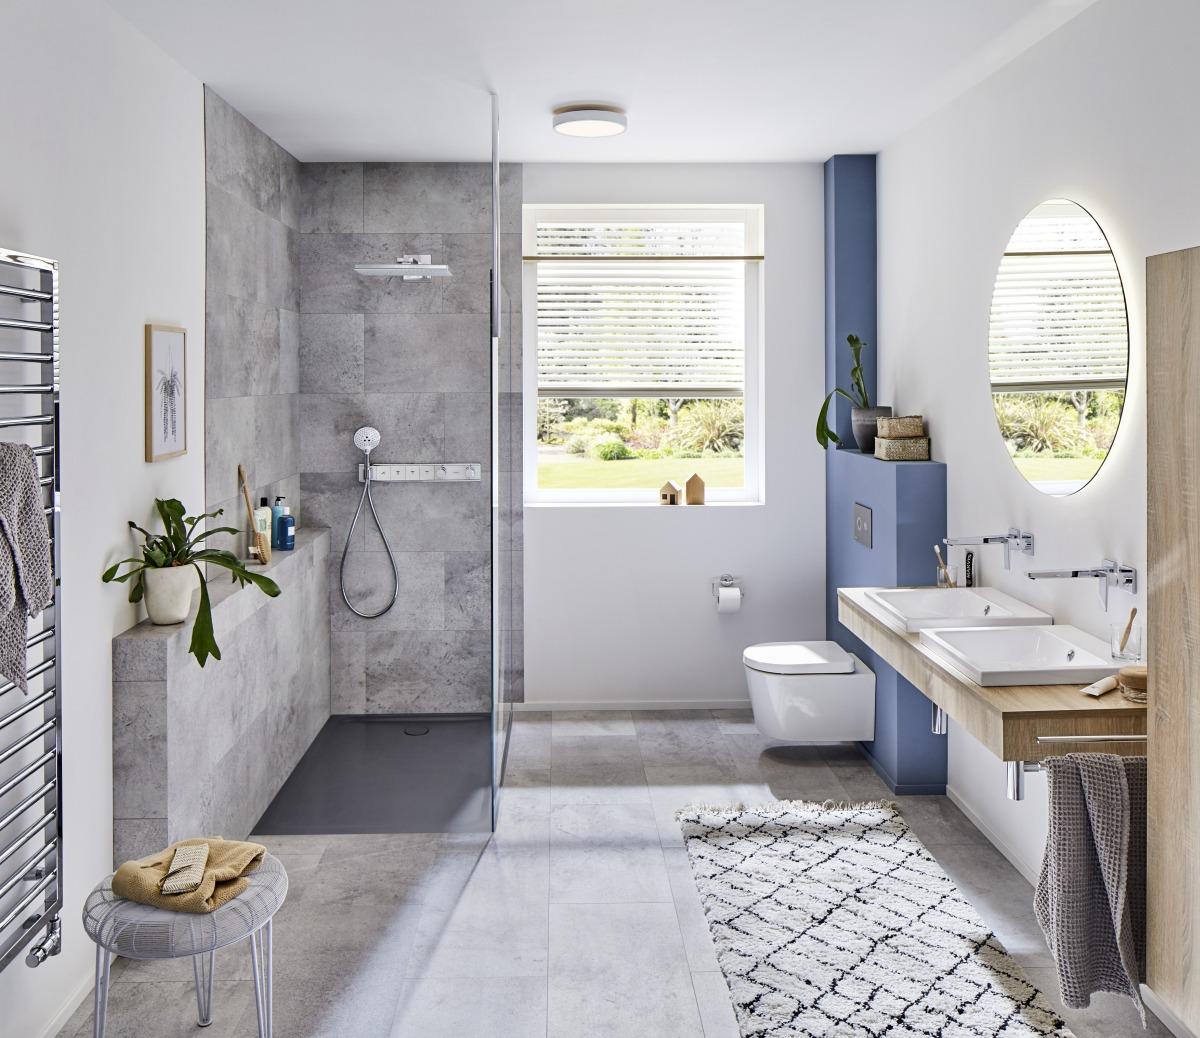 Ristrutturare il bagno con le soluzioni Kaldewei